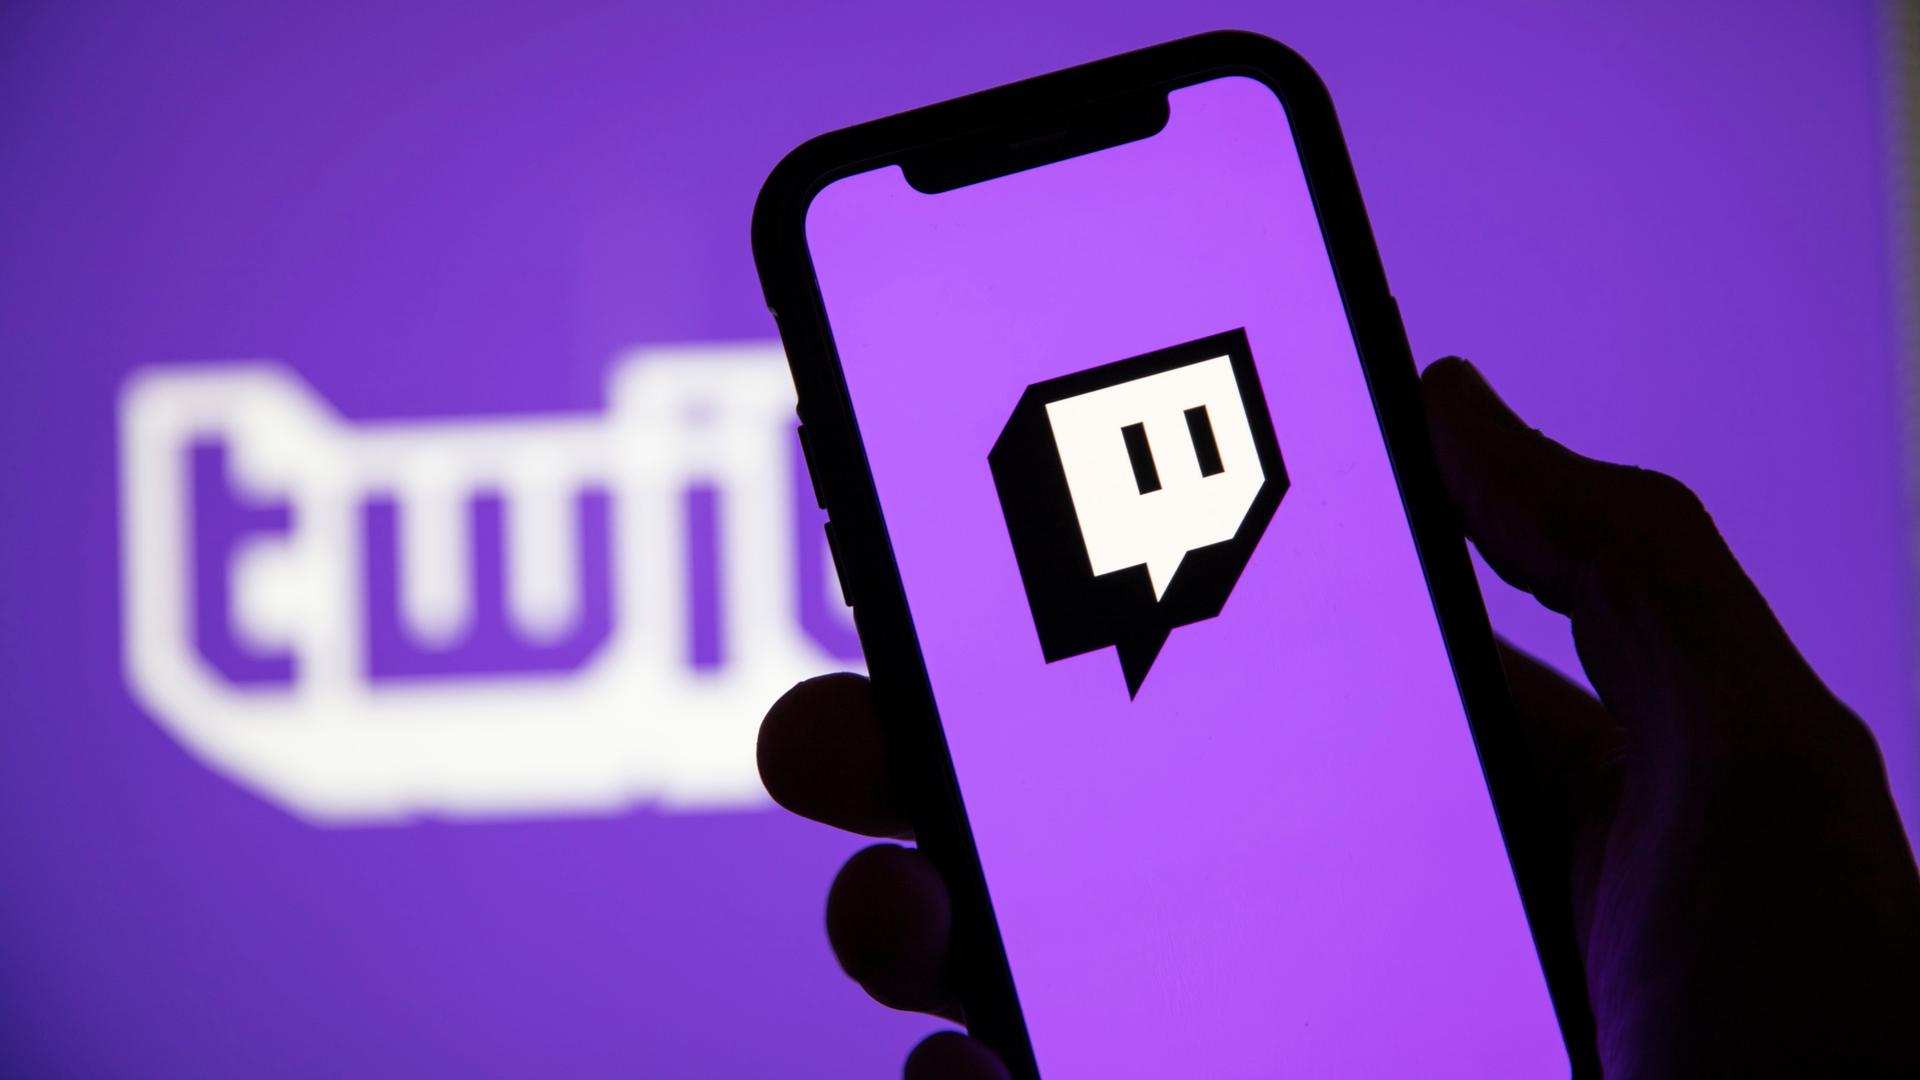 Filtran los pagos que reciben los streamers más populares de Twitch